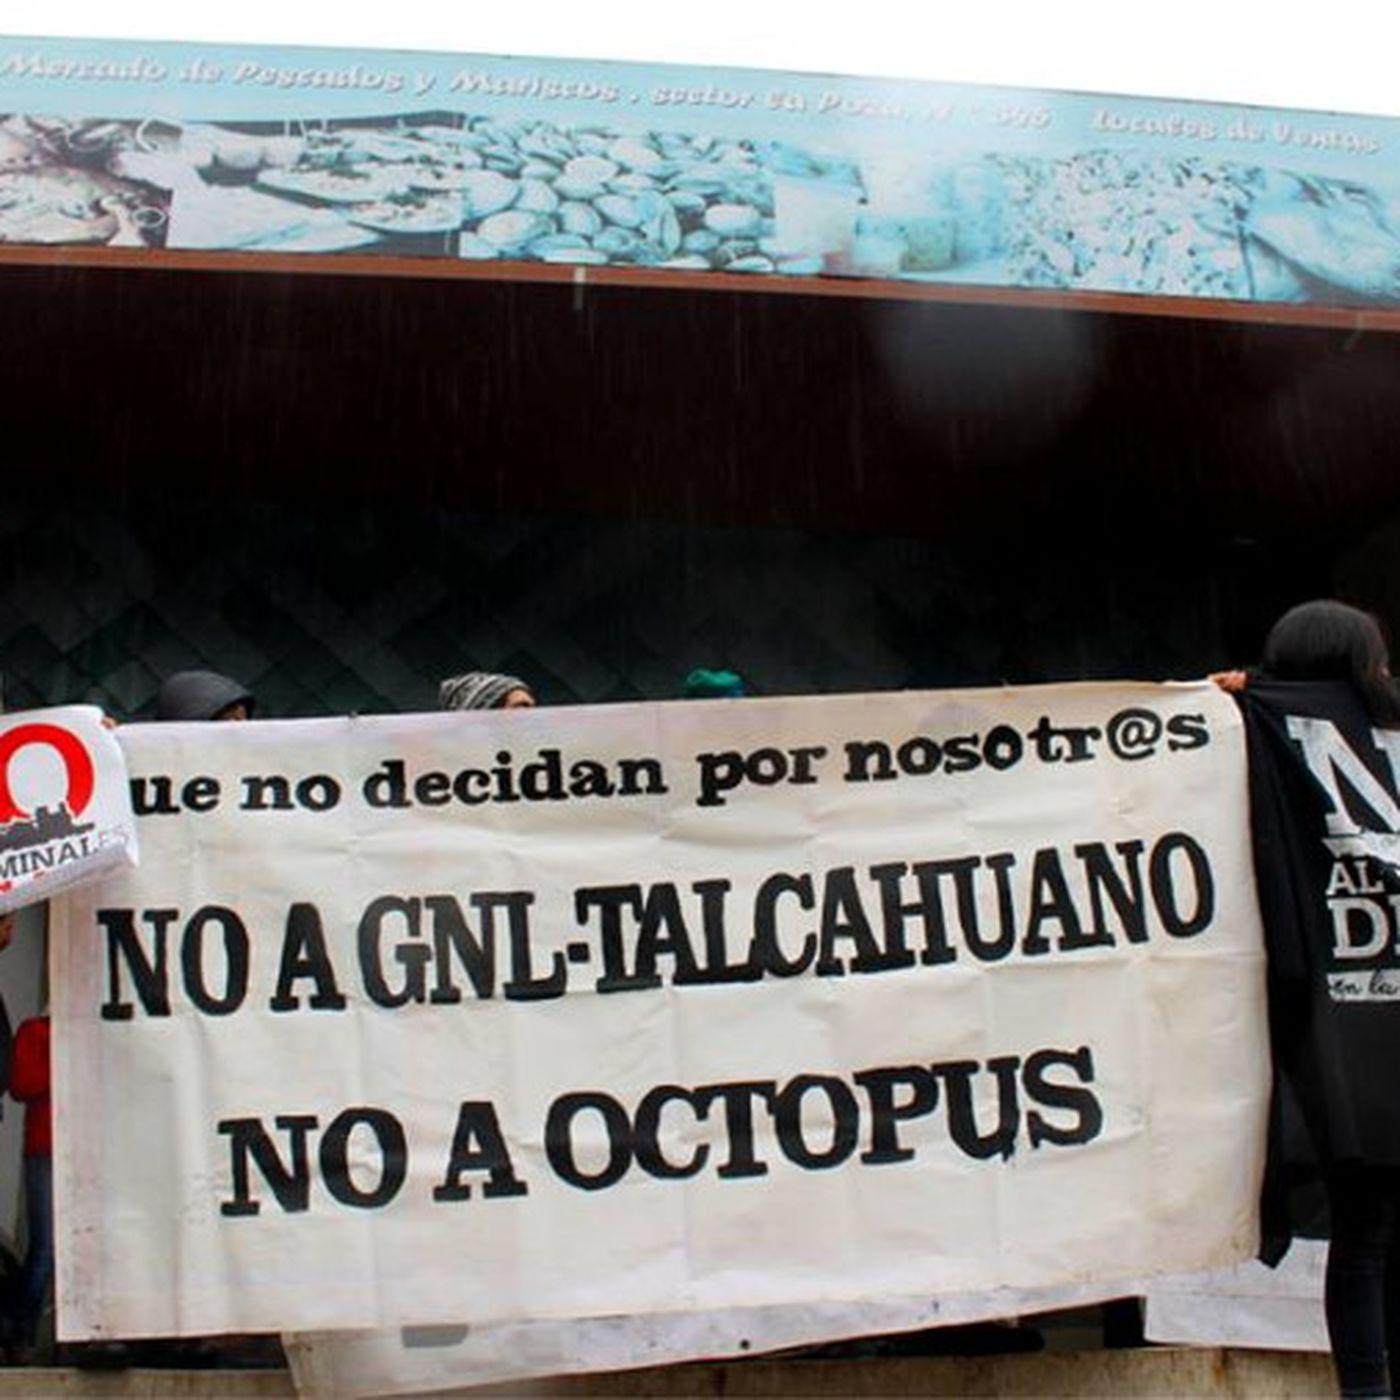 Manifestación contra GNL Penco-Lirquén (OCTOPUS) en silenciosa